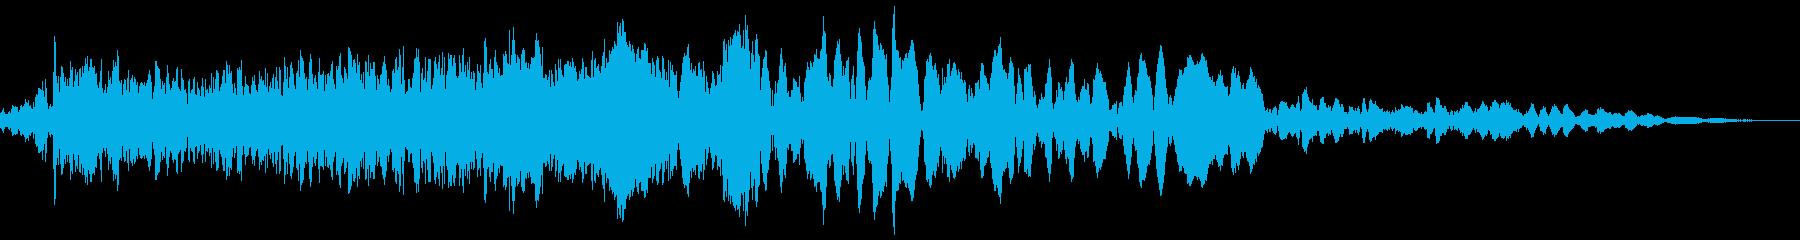 車 レース ブレーキ/タイヤスキール音3の再生済みの波形